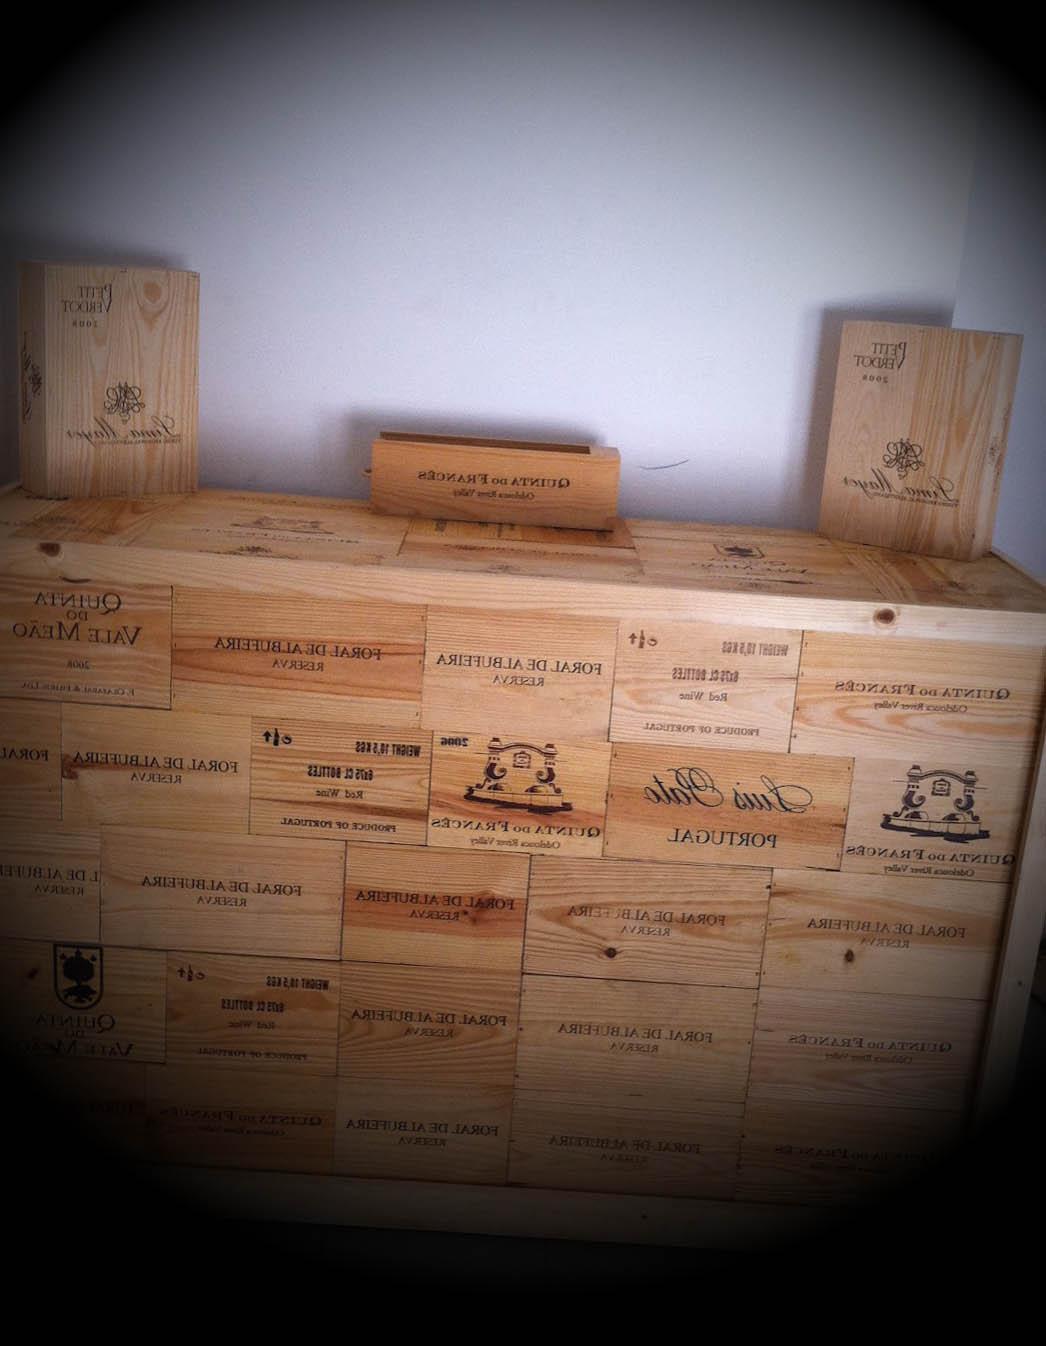 ideias decoracao com caixas de vinho